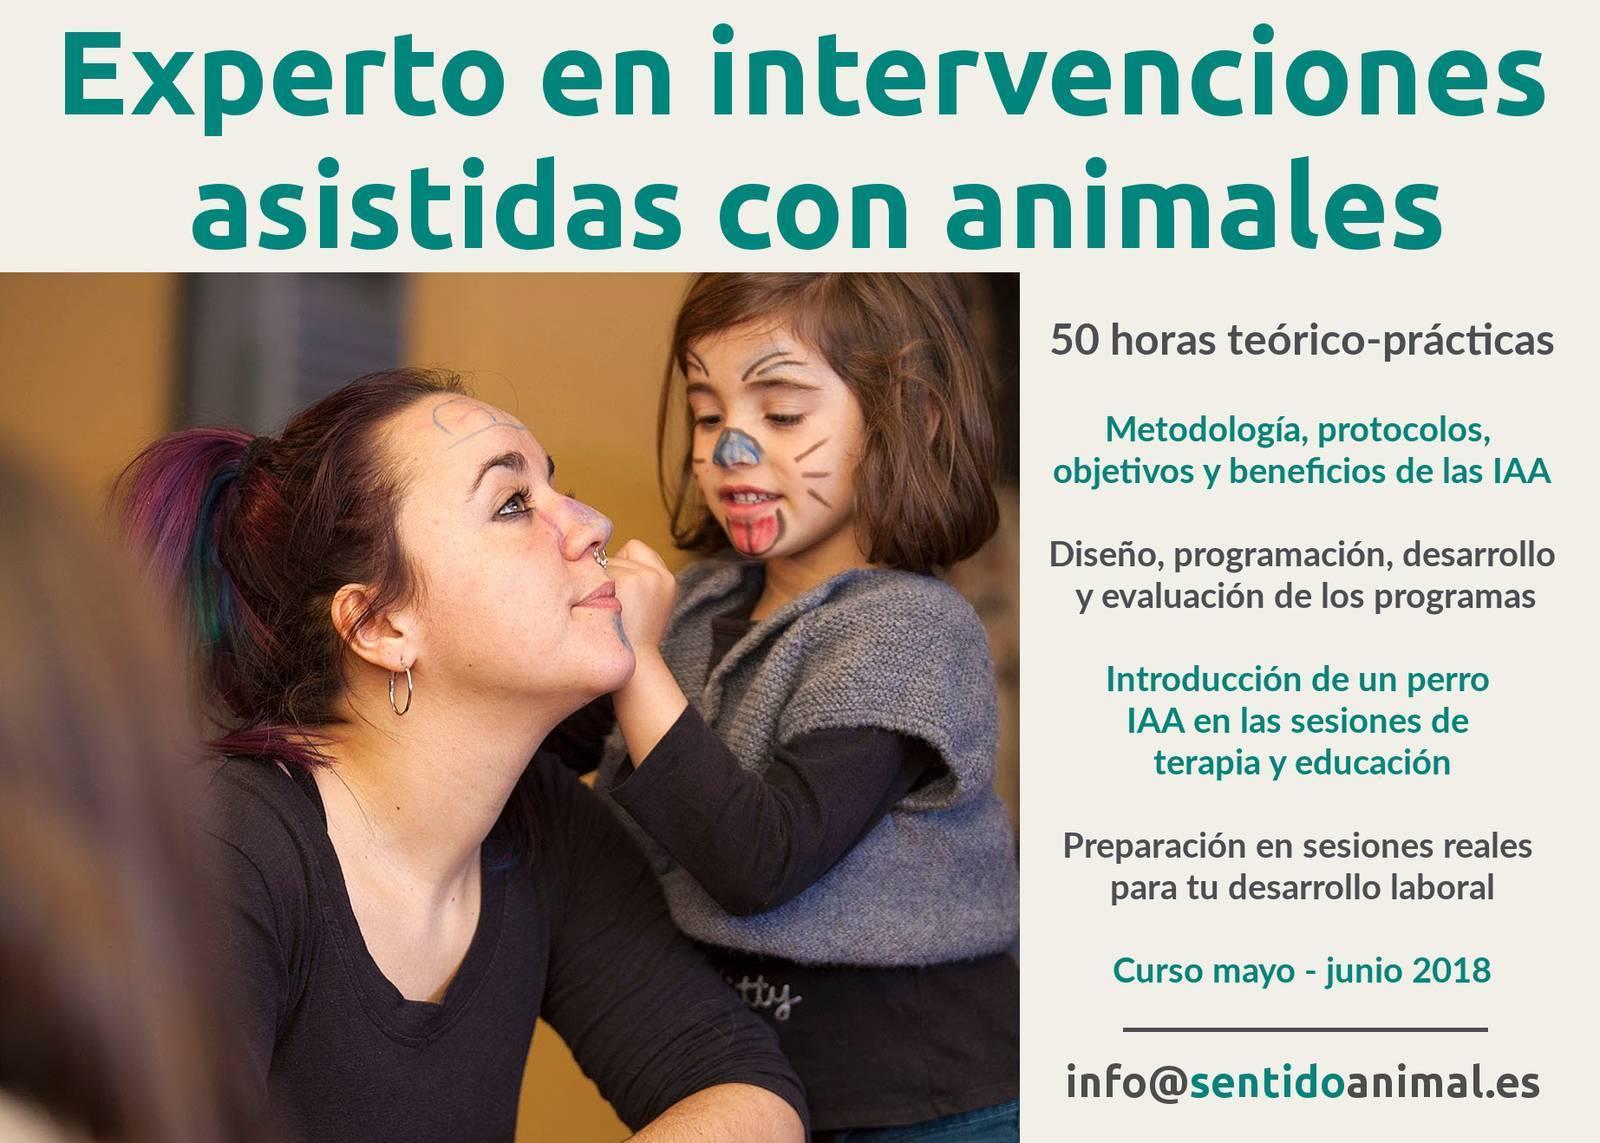 Curso de experto en intervenciones asistidas con animales